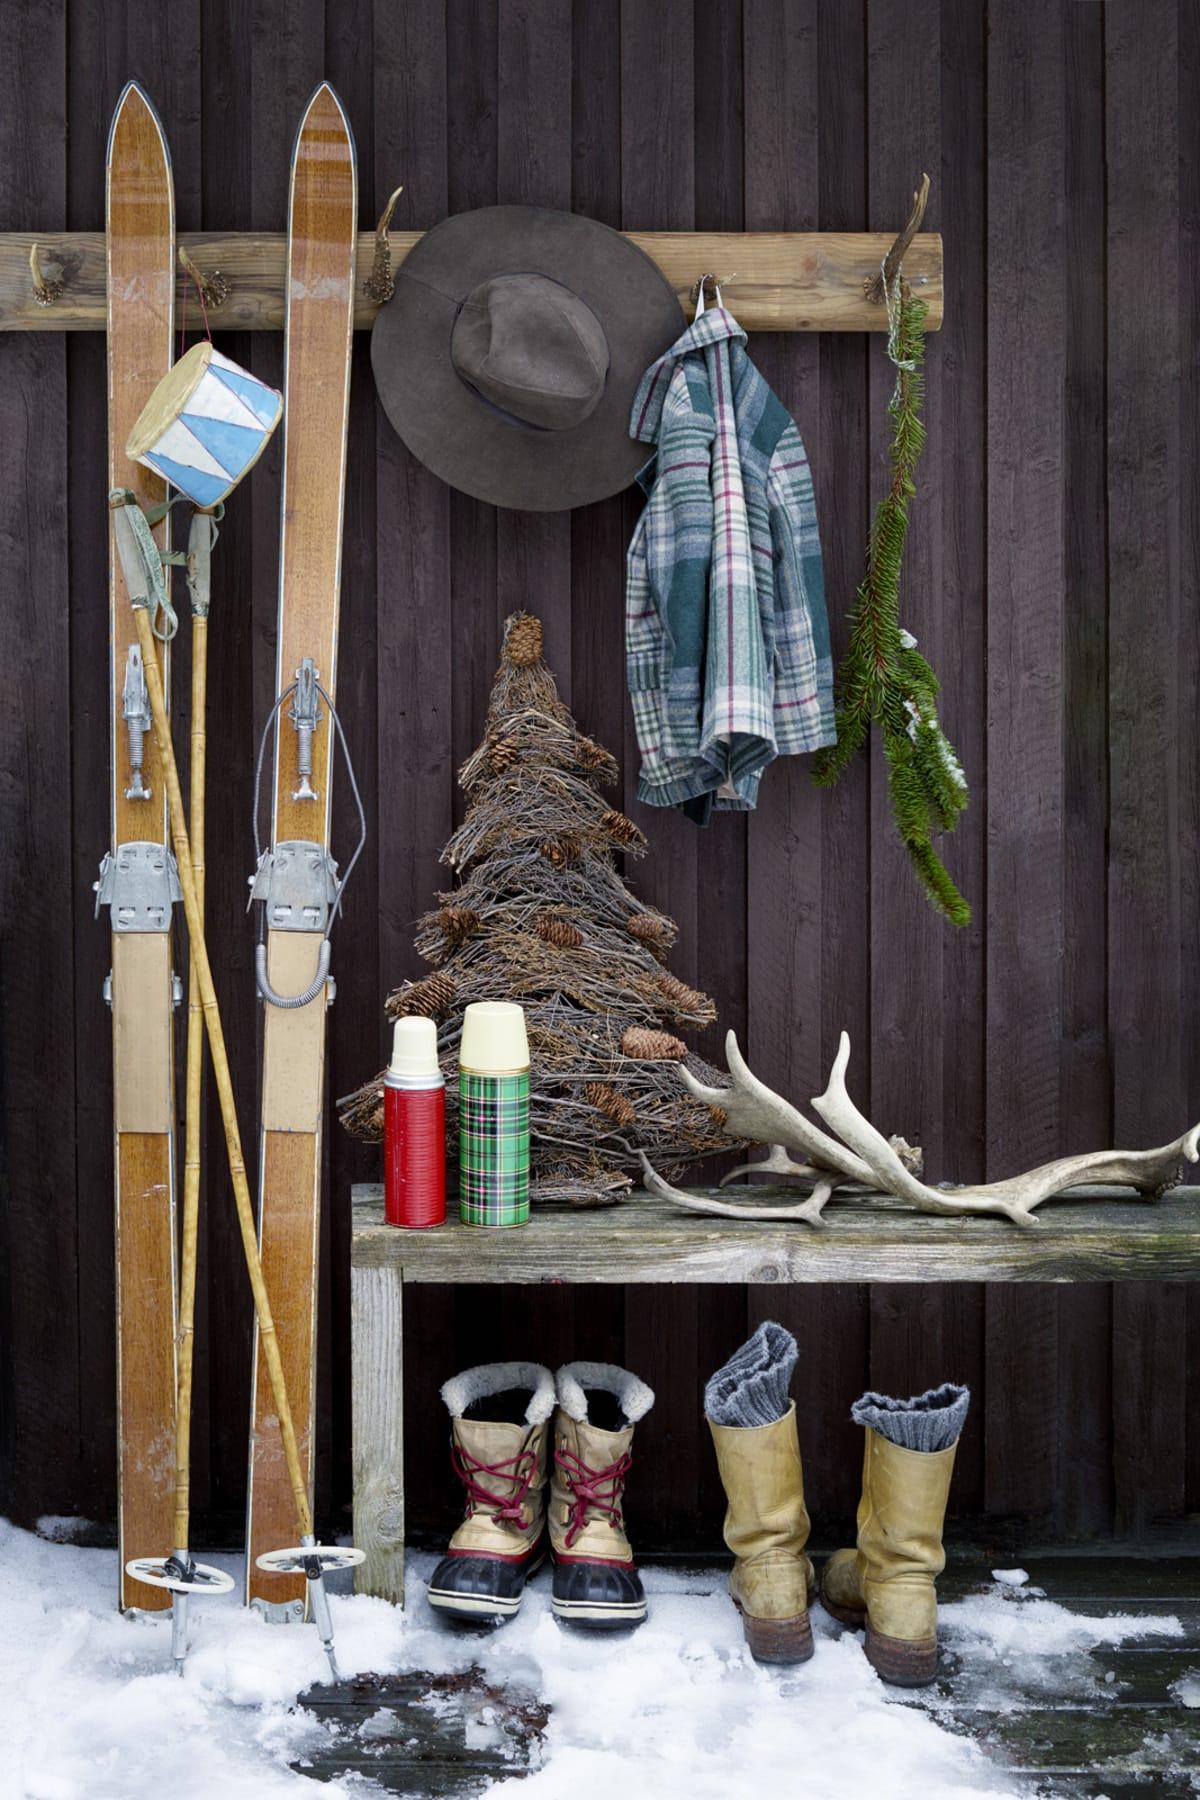 """Gör din egna vägghängare med killinghorn som fungerar som krokar, snyggast på planka av gammalt virke. Hornen är inköpta olika loppisar; ger en rustik härlig känsla på verandan. Granen gör du lätt själv med att att göra en """"granmall""""av diverse trädgrenar du sågar till. Med ståltråd sedan fäster du dit trädris och slutligen dekorerar med kottar eller annat som ger julkänsla. Passar såväl inne som ute. Rutig Barnkavaj, Fluga Barnvintage. Trummor Slow Fashion House. Sorells barnstövel. Thermosar, och gamla skidor är loppisfynd. Klassiska Frye boots."""